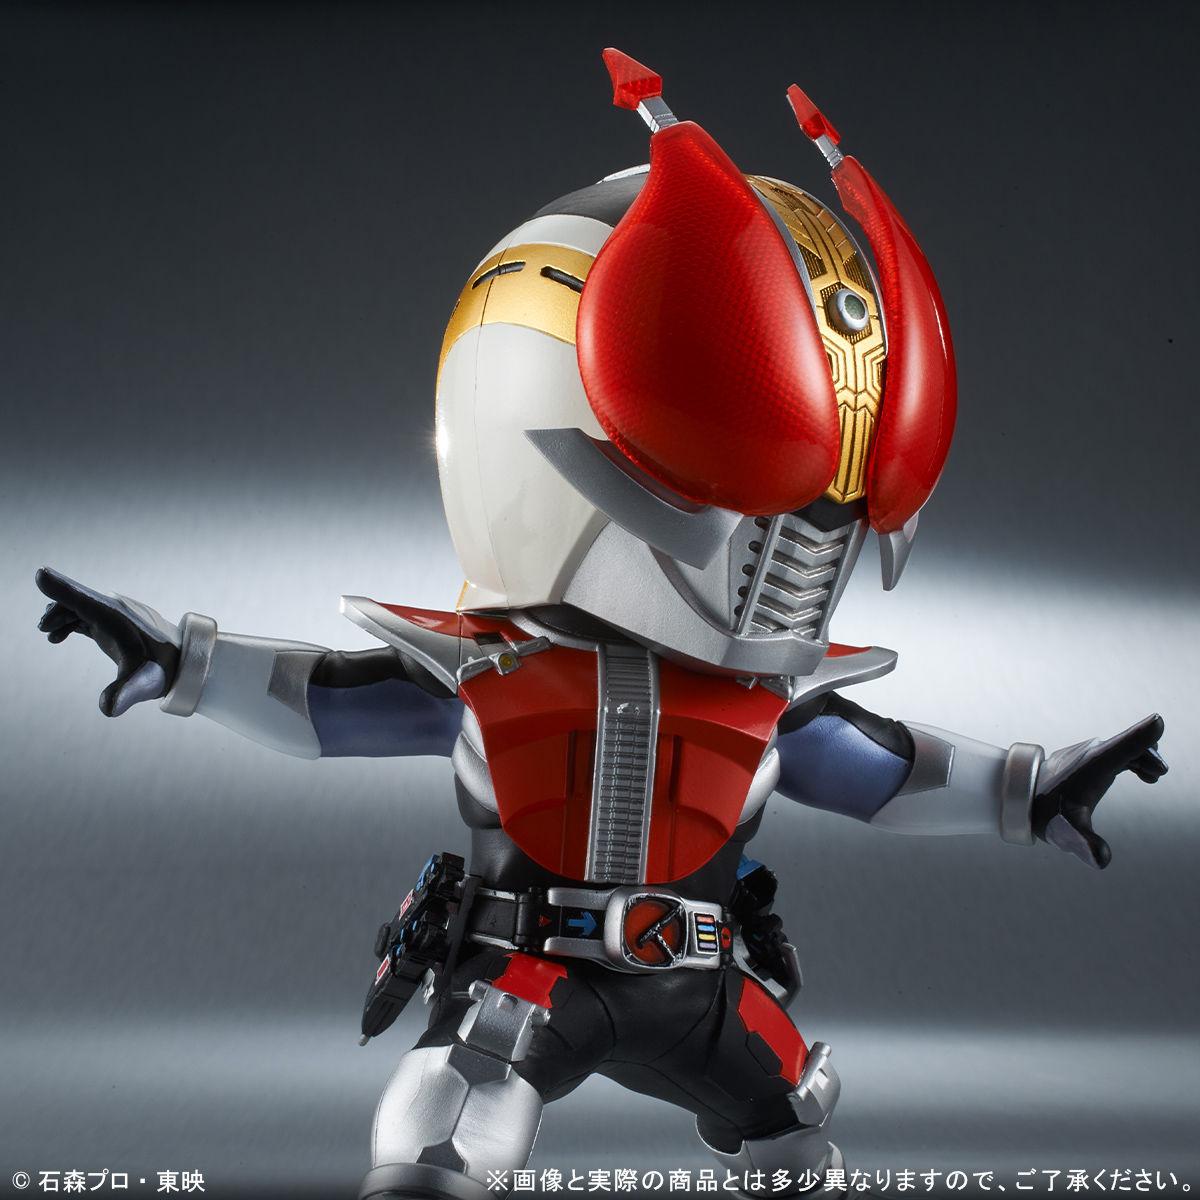 【限定販売】デフォリアル『仮面ライダー電王 ソードフォーム』完成品フィギュア-007